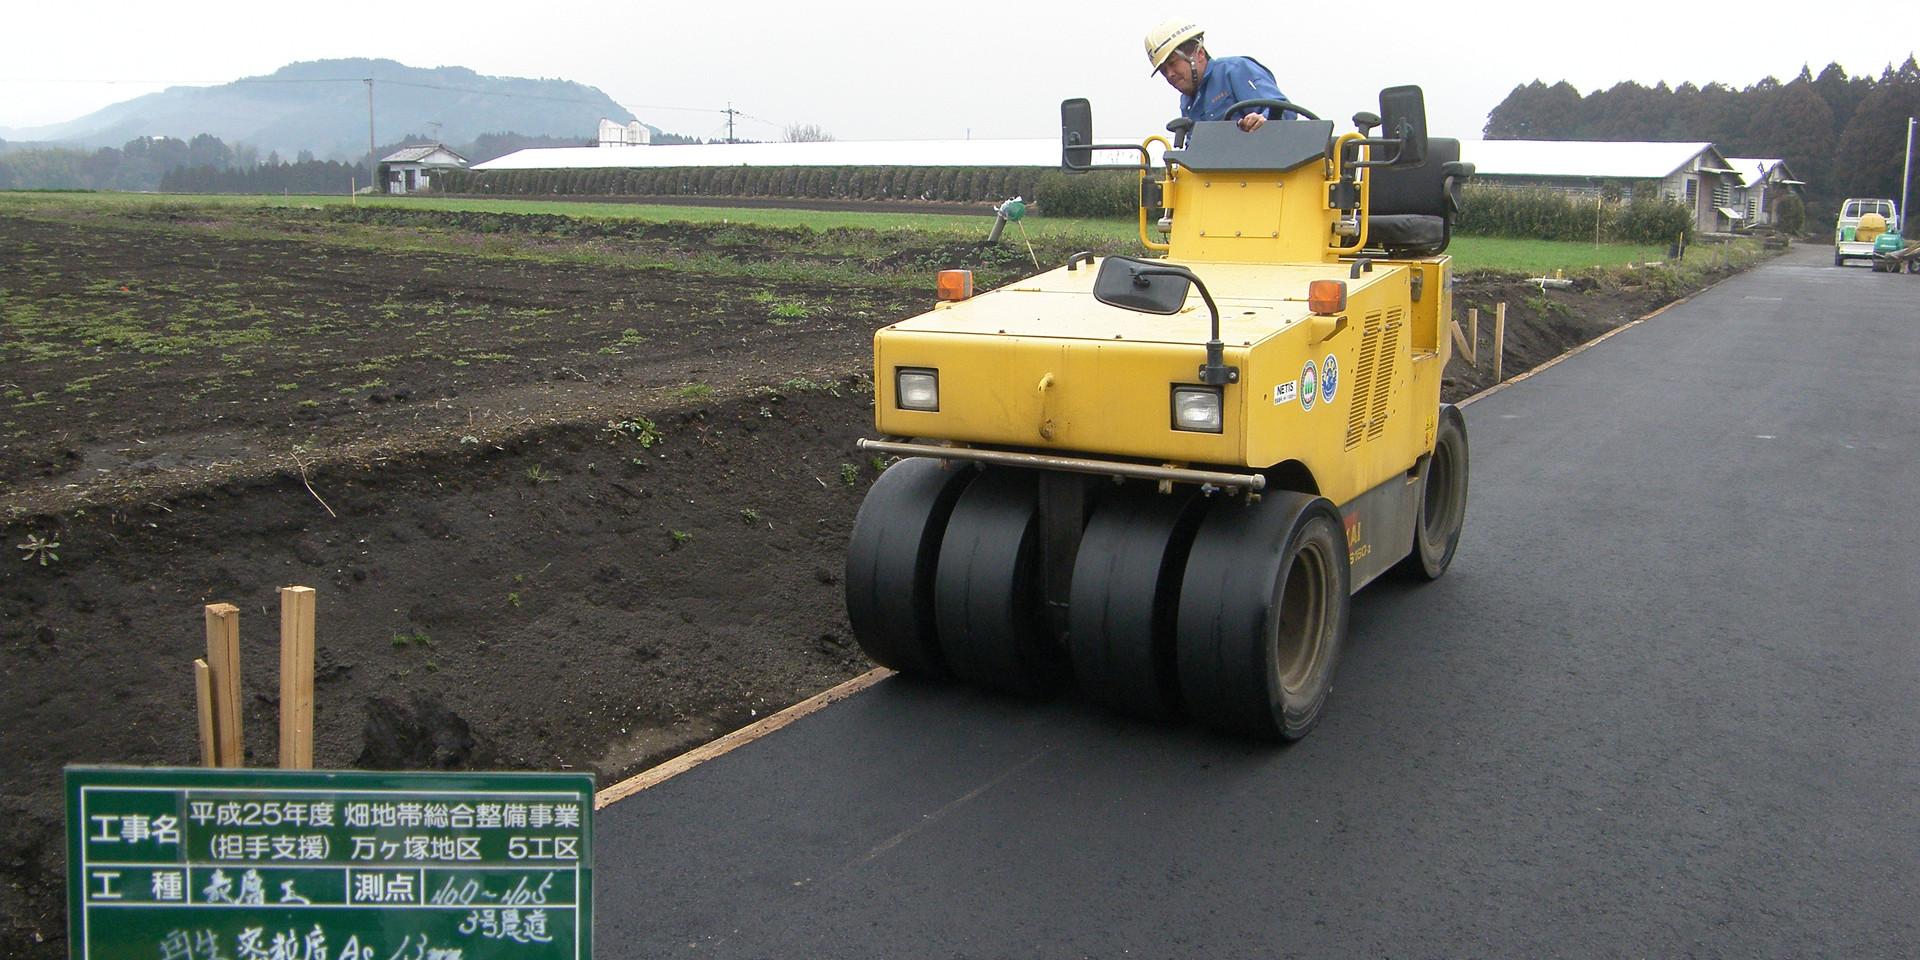 平成25年度  畑地帯総合整備事業 (担手支援)万ヶ塚地区5工区